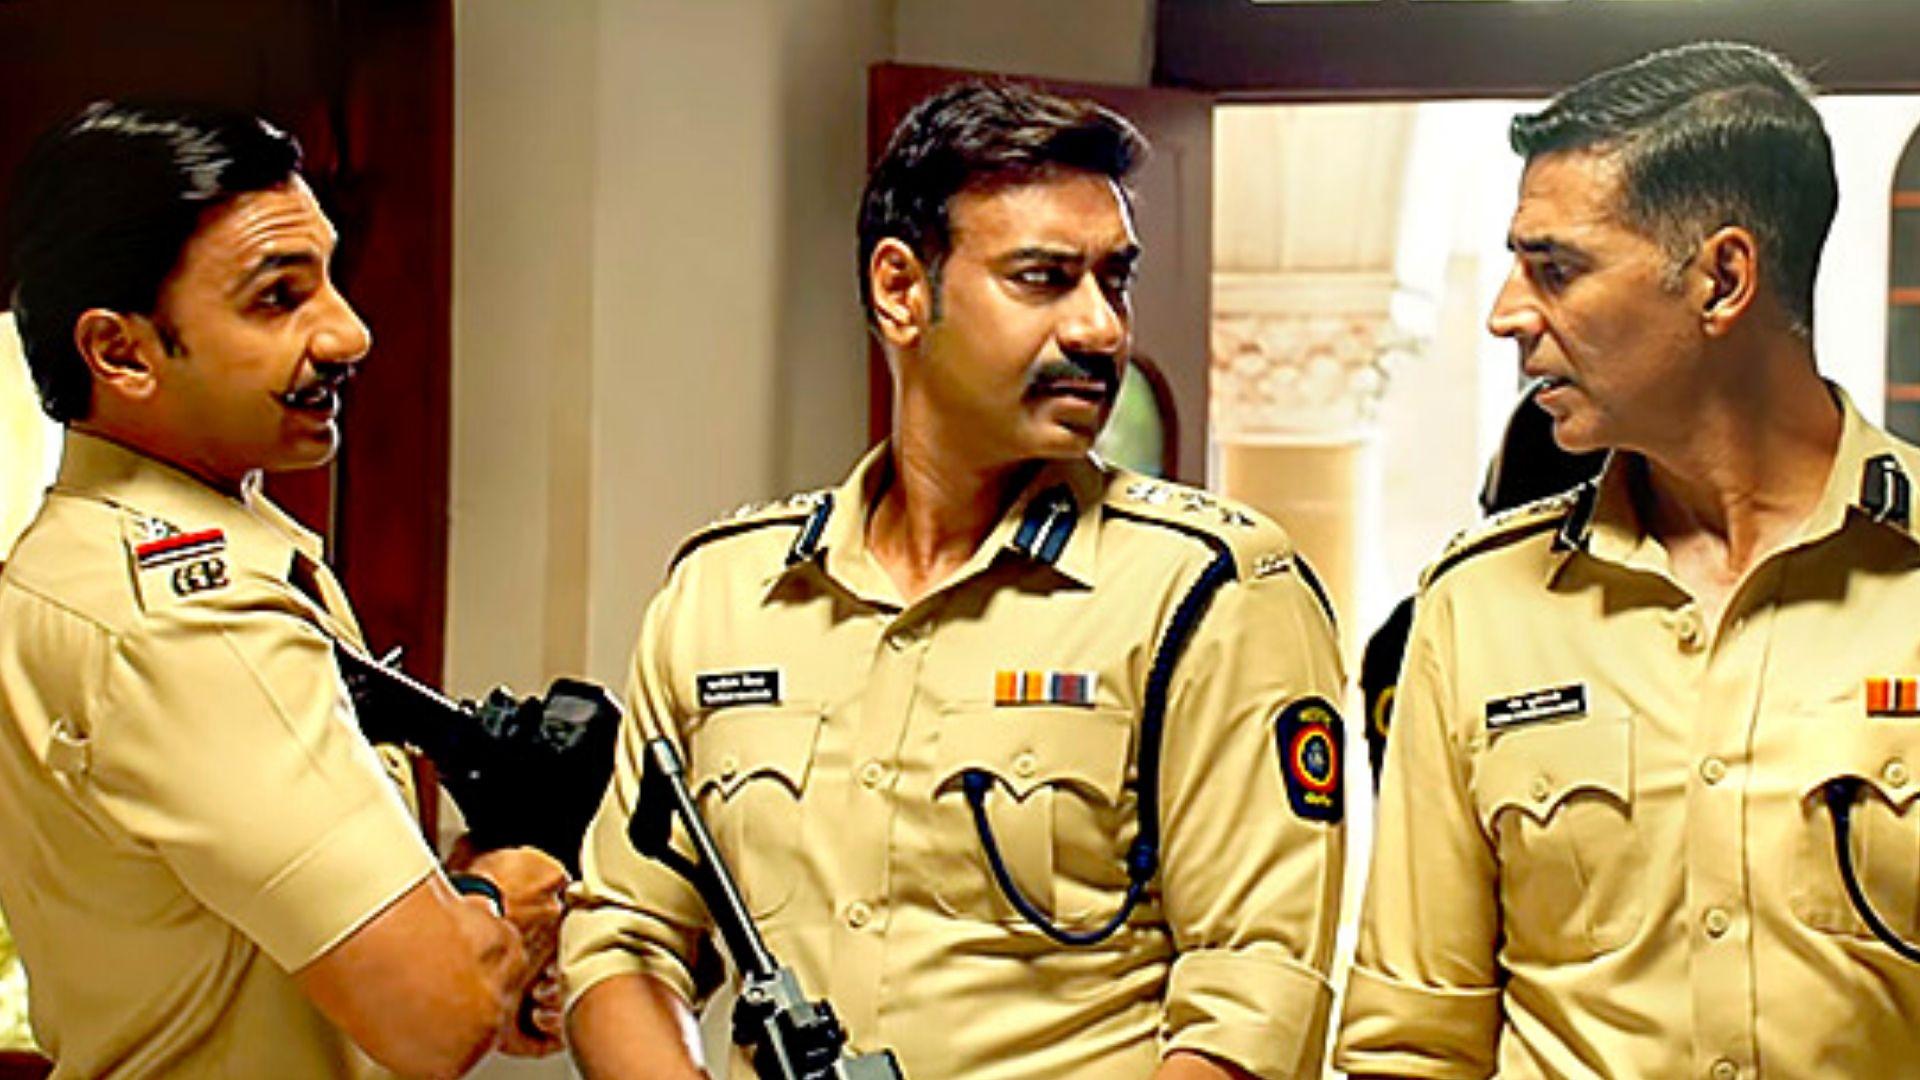 Sooryavanshi: Akshay Kumar, Ajay Devgn And Ranveer Singh Shoot Individual Promotional Videos For Their Cop Drama